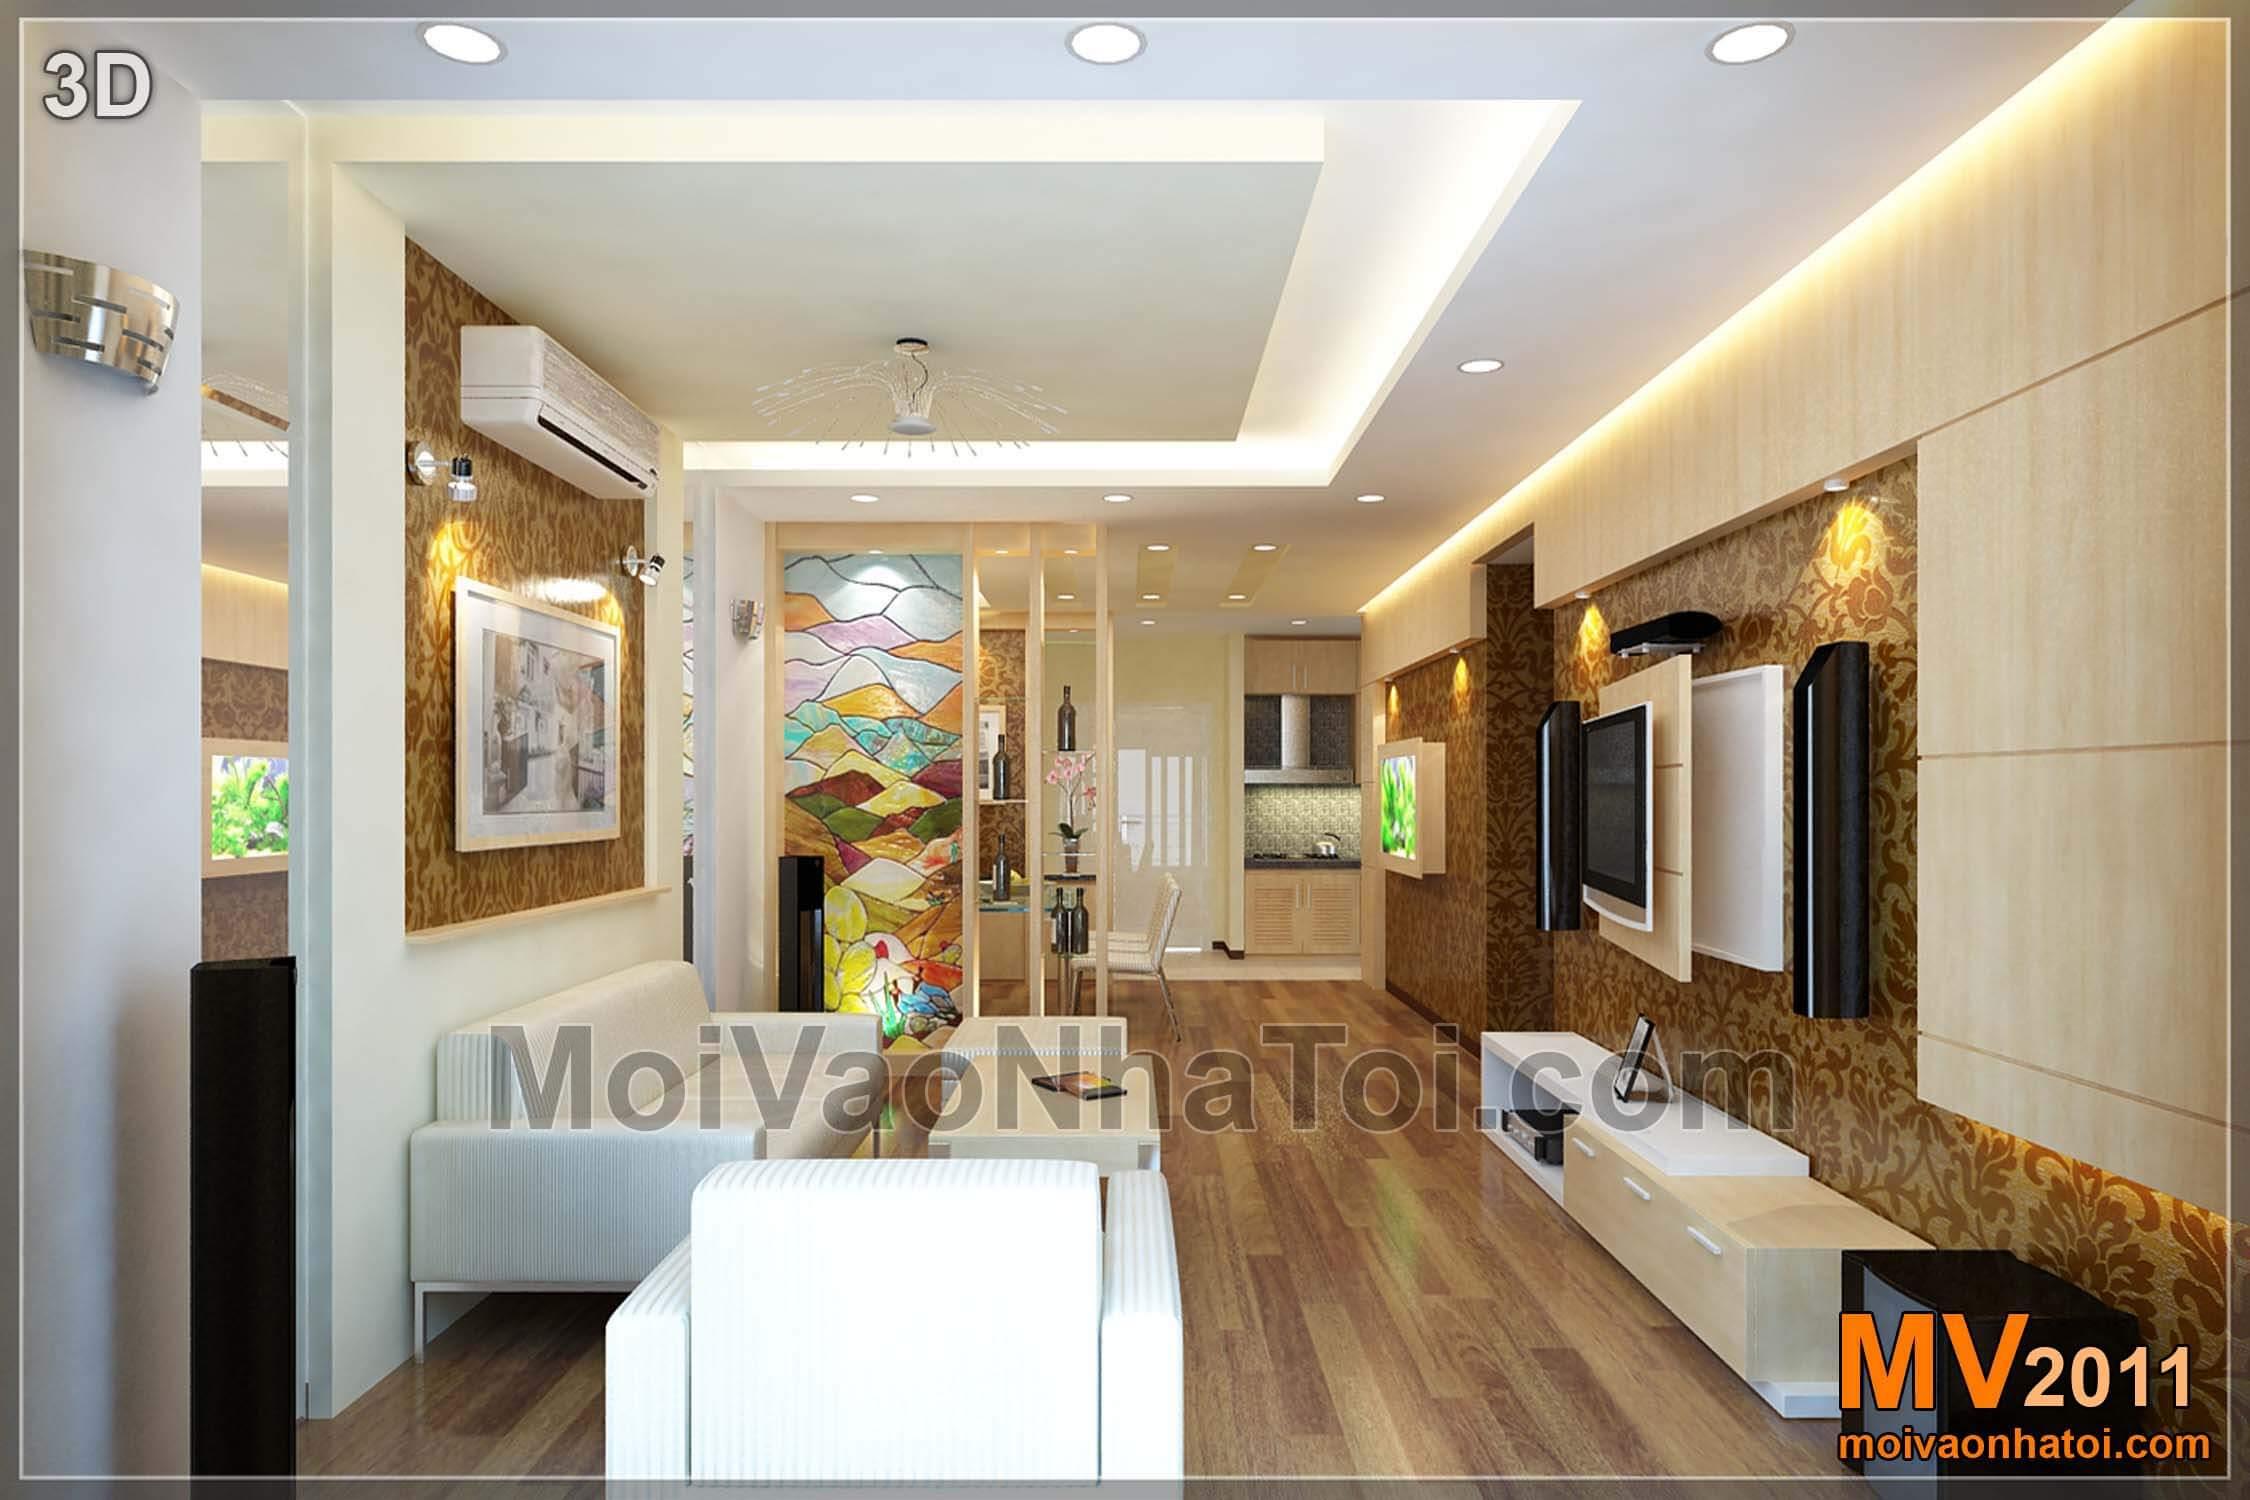 Bản vẽ 3D thiết kế nội thất - nhìn từ ban công vào nội thất phòng khách